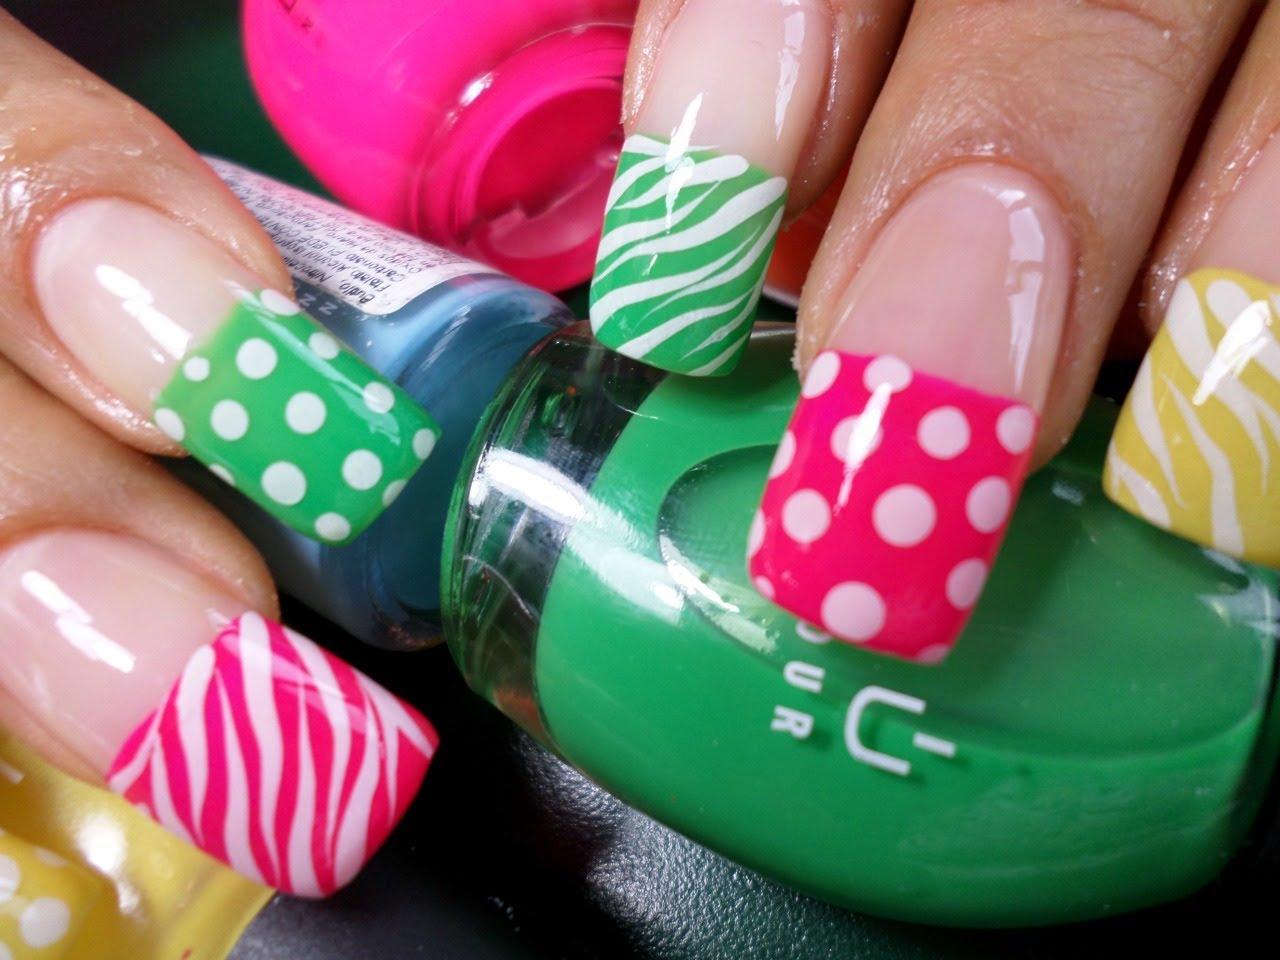 El esmalte de uñas puede ser peligroso | 800Noticias